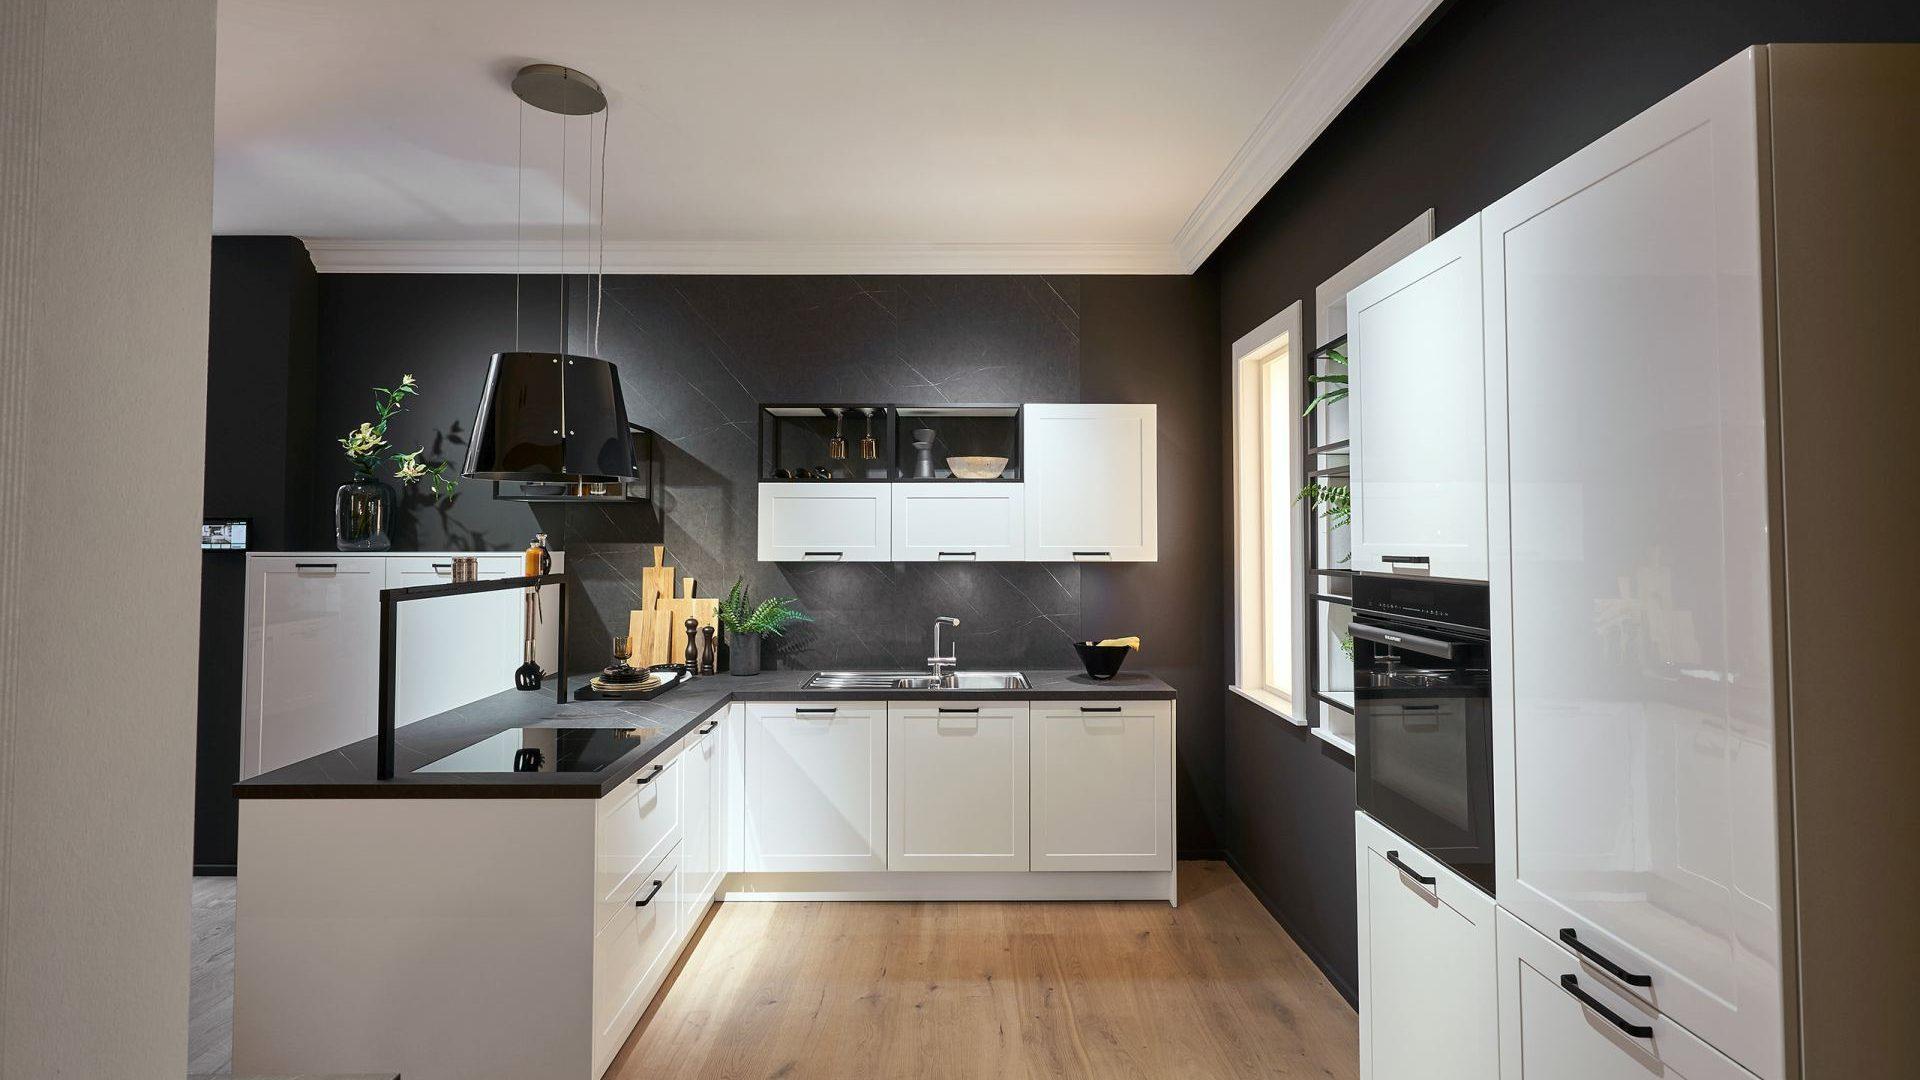 Küche von Häcker im Klassik Design - Küchentrends 2021